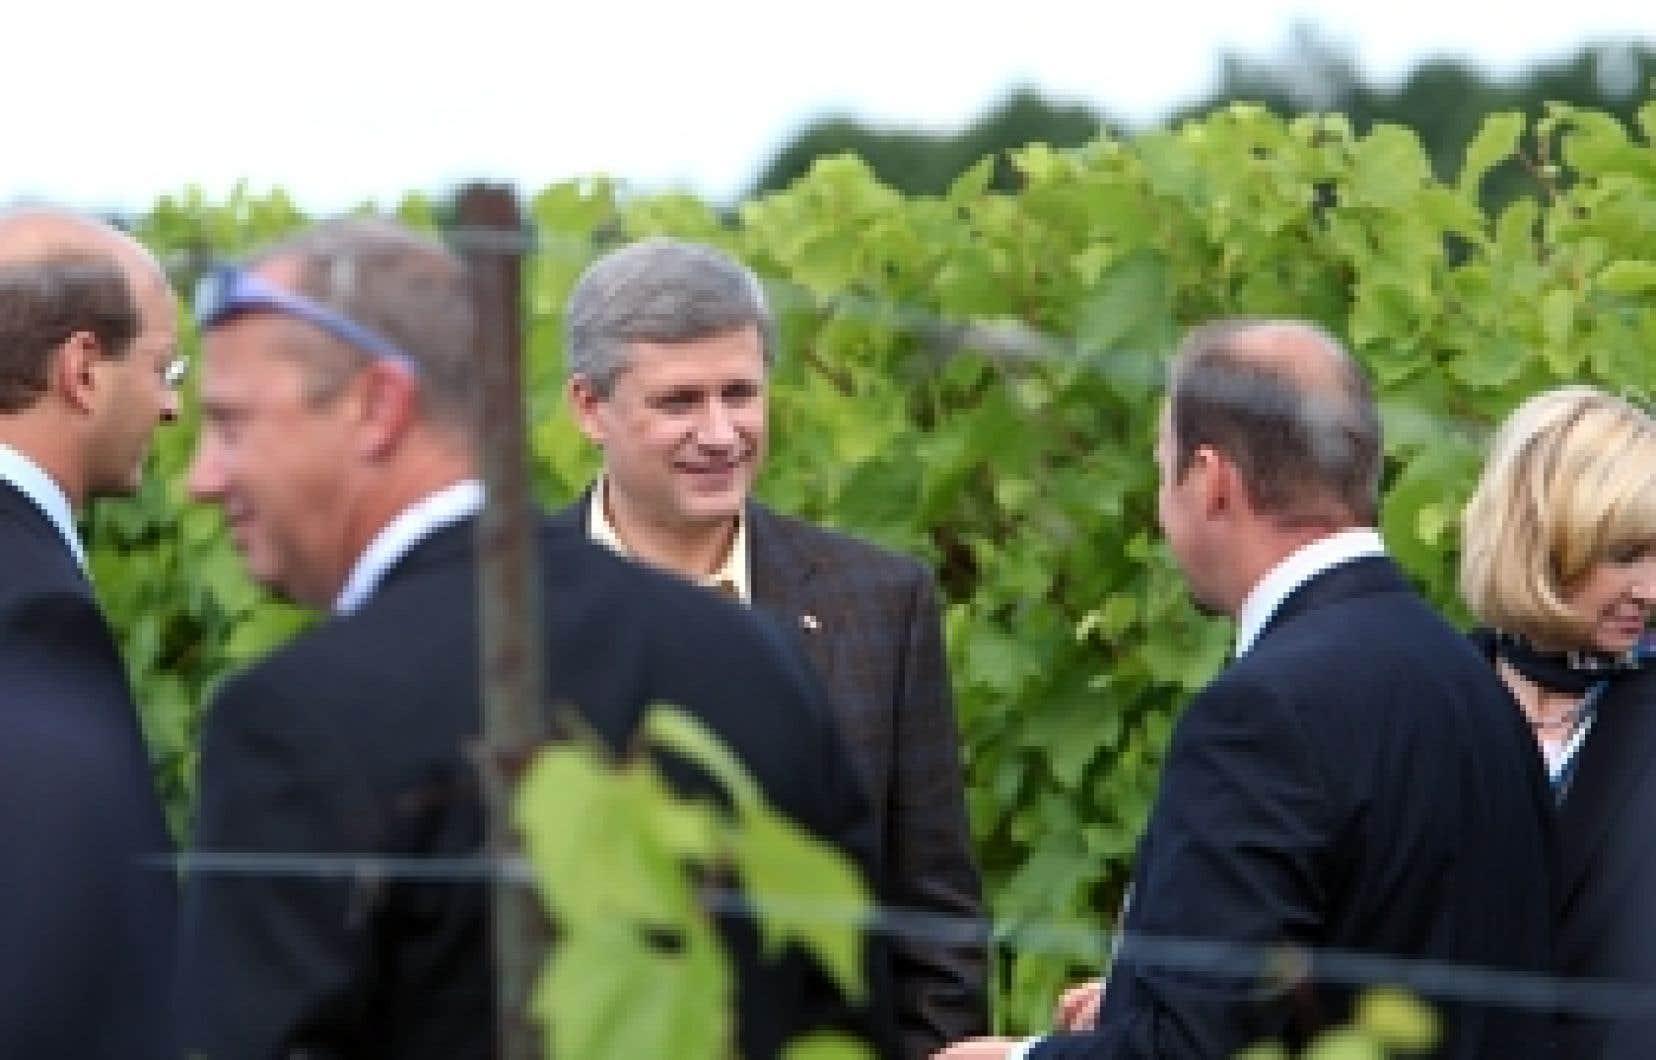 le devoir De passage dans un vignoble de Saint-Eustache avant-hier, le chef conservateur a facilement fait salle comble, et il n'y avait pas que des figurants de service ou des amateurs de vin au rendez-vous.